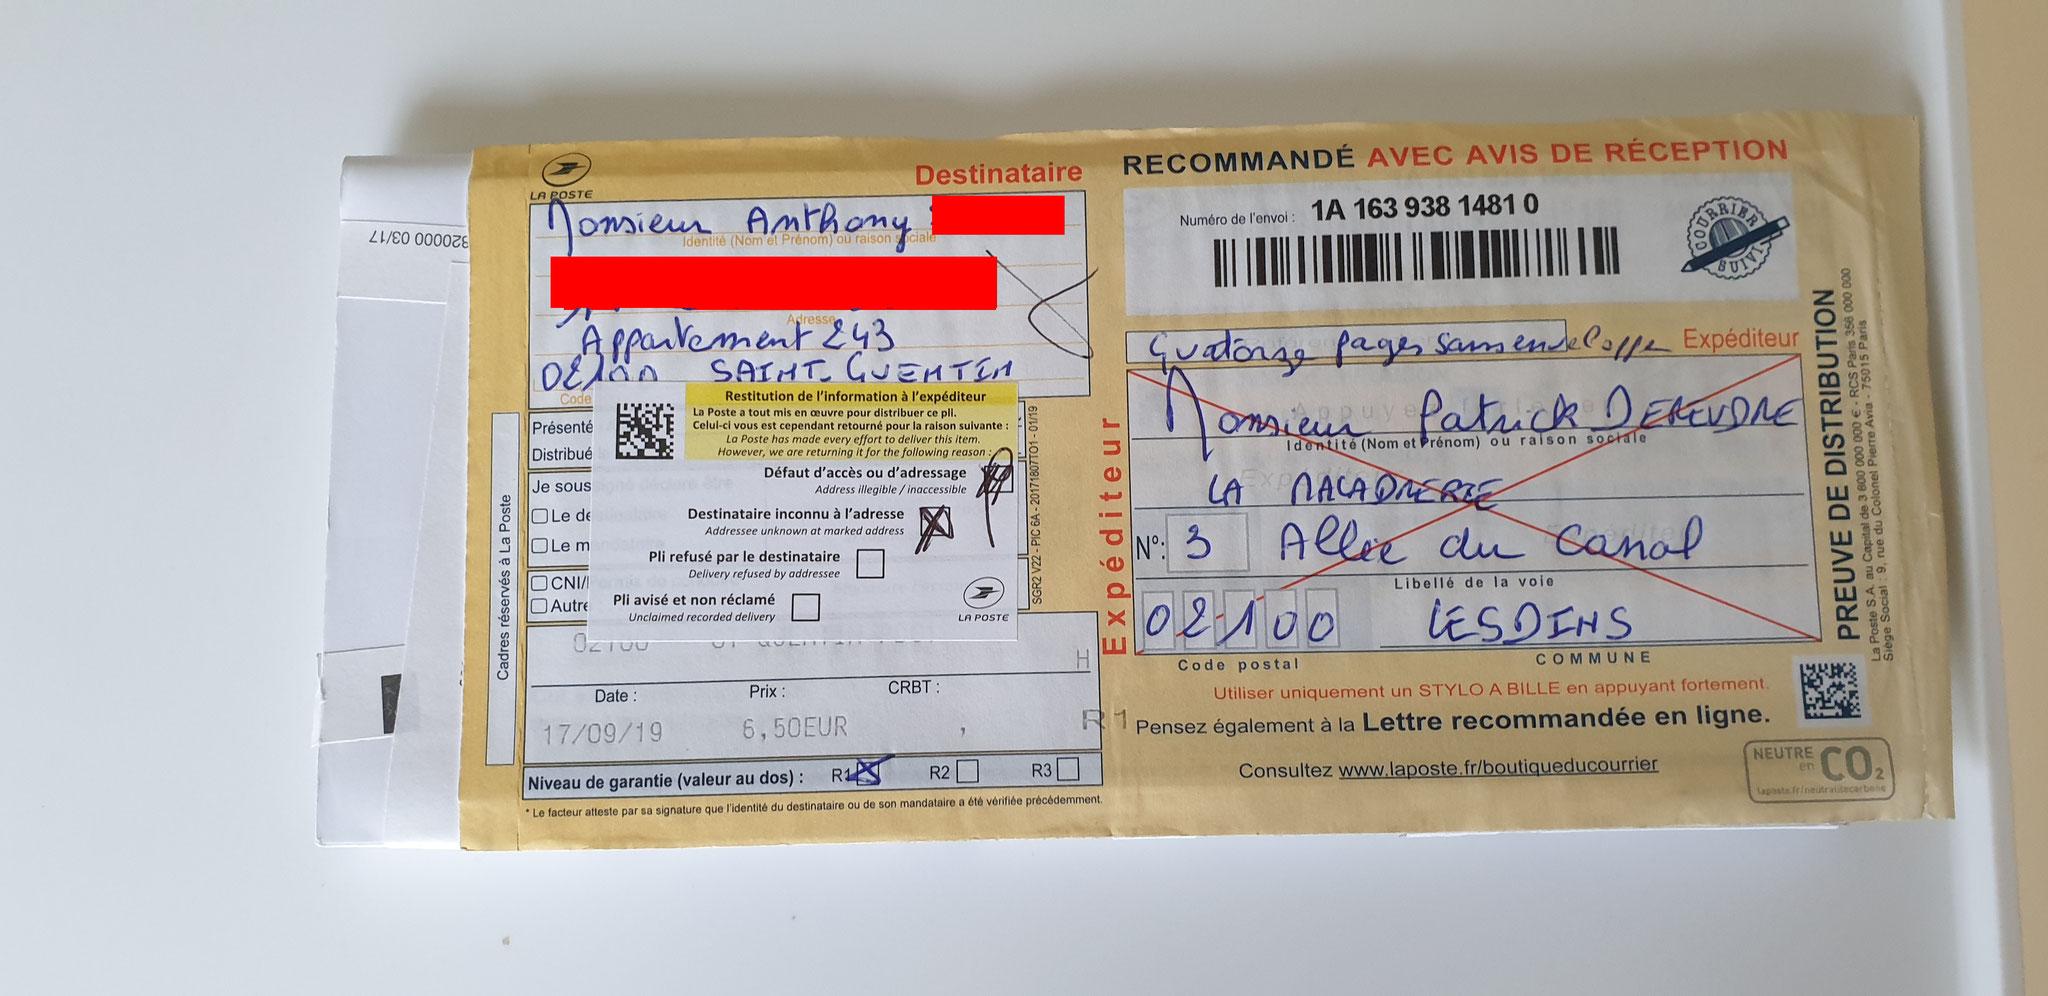 Ma première LRAR du 17 Septembre 2019 à Monsieur Anthony Standardiste CHEZ LES TAXIS VASSEUR SERVICES VIOLENCES & SOUFFRANCES AU TRAVAIL (MOBBING & GANG STAKLING) www.jenesuispasunchien.fr www.jesuisvictime.fr www.jesuispatrick.fr